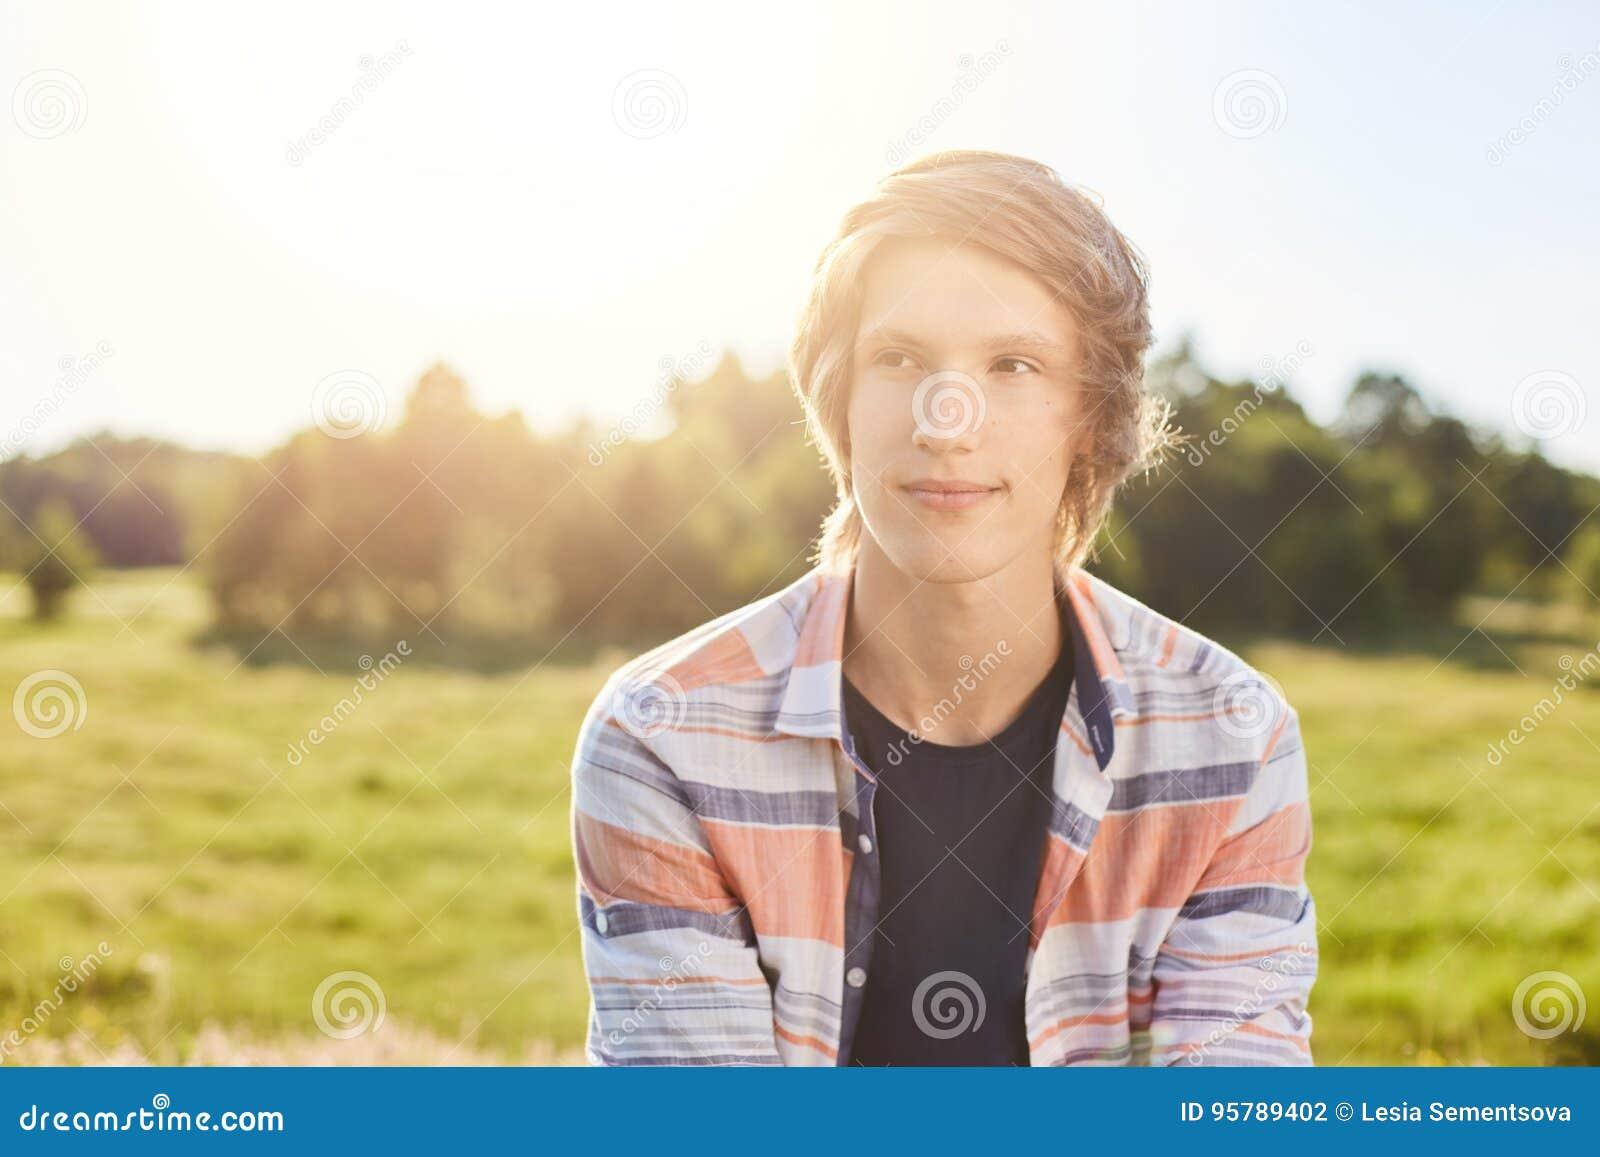 Menino atrativo sonhador com o cabelo leve, os olhos escuros e os bordos finos vestindo a camisa que senta-se sobre o fundo verde